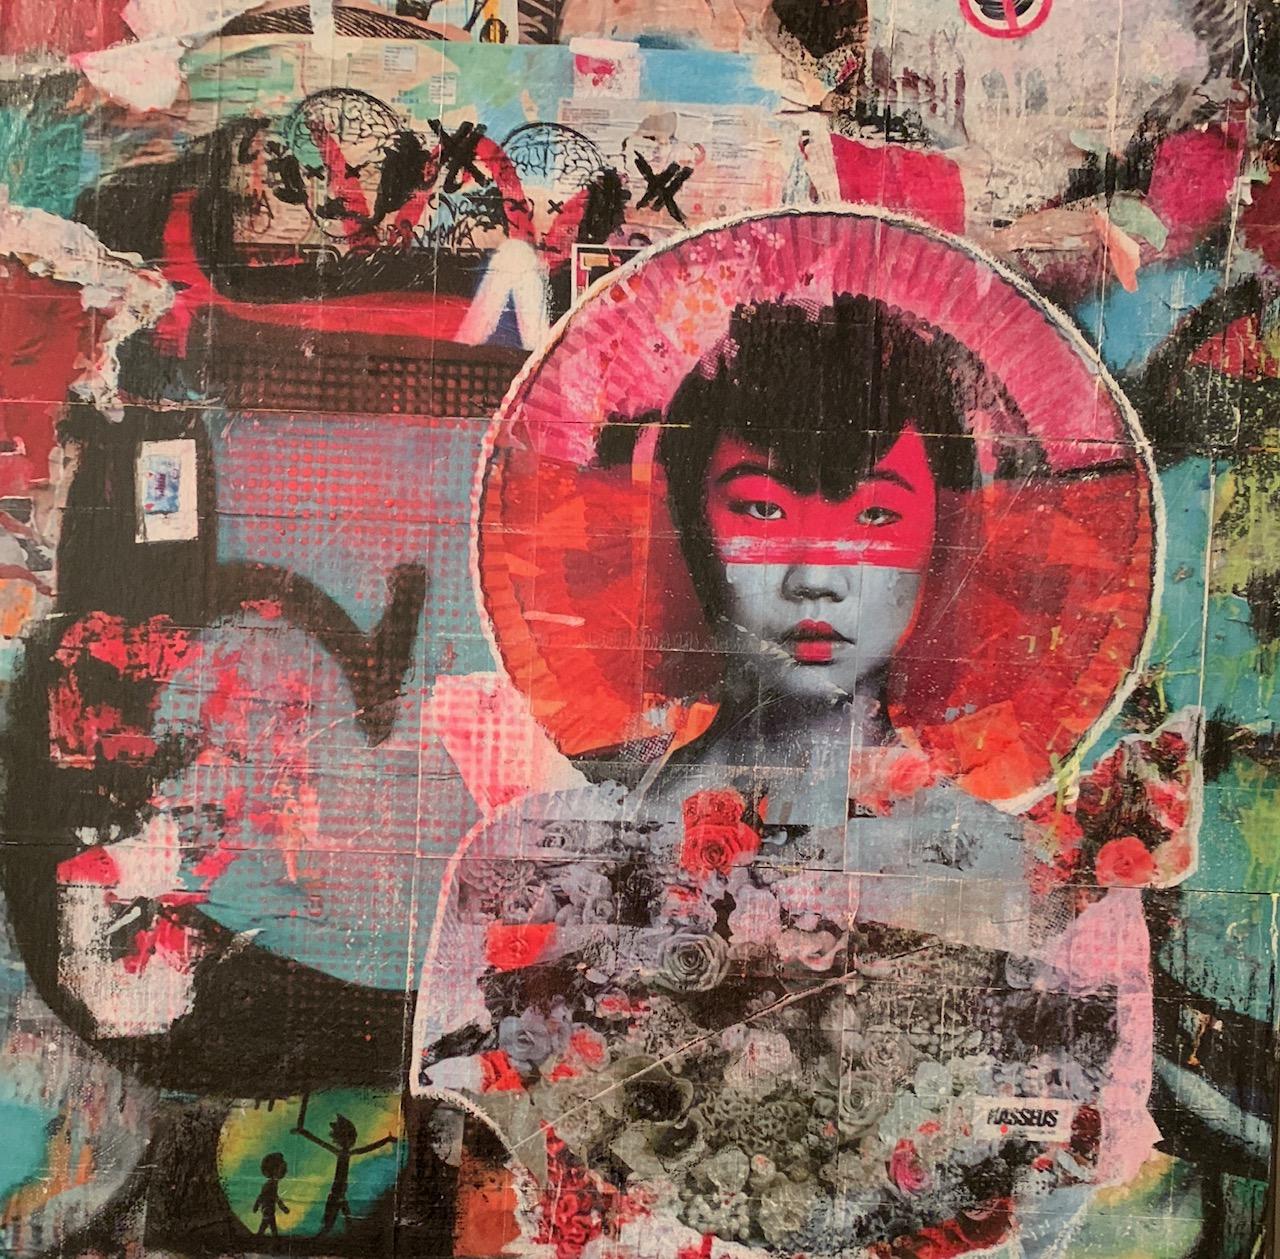 London_China Girl_50x50cm